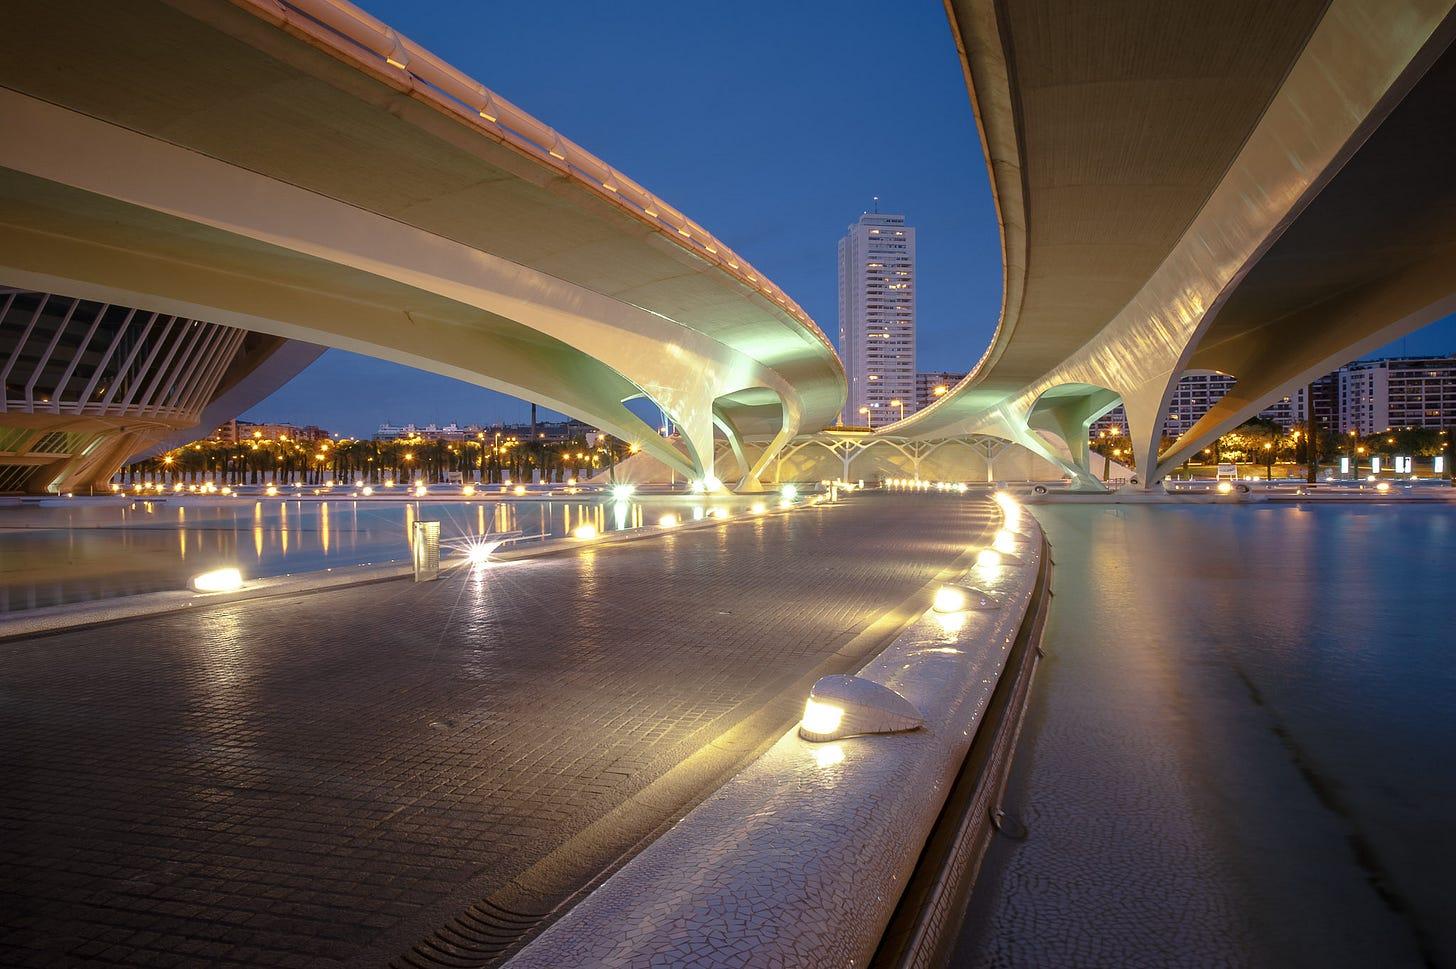 Ciudad de las Artes y las Ciencias - Valencia-DSC_2597-pete-carr-pete-carr.jpg